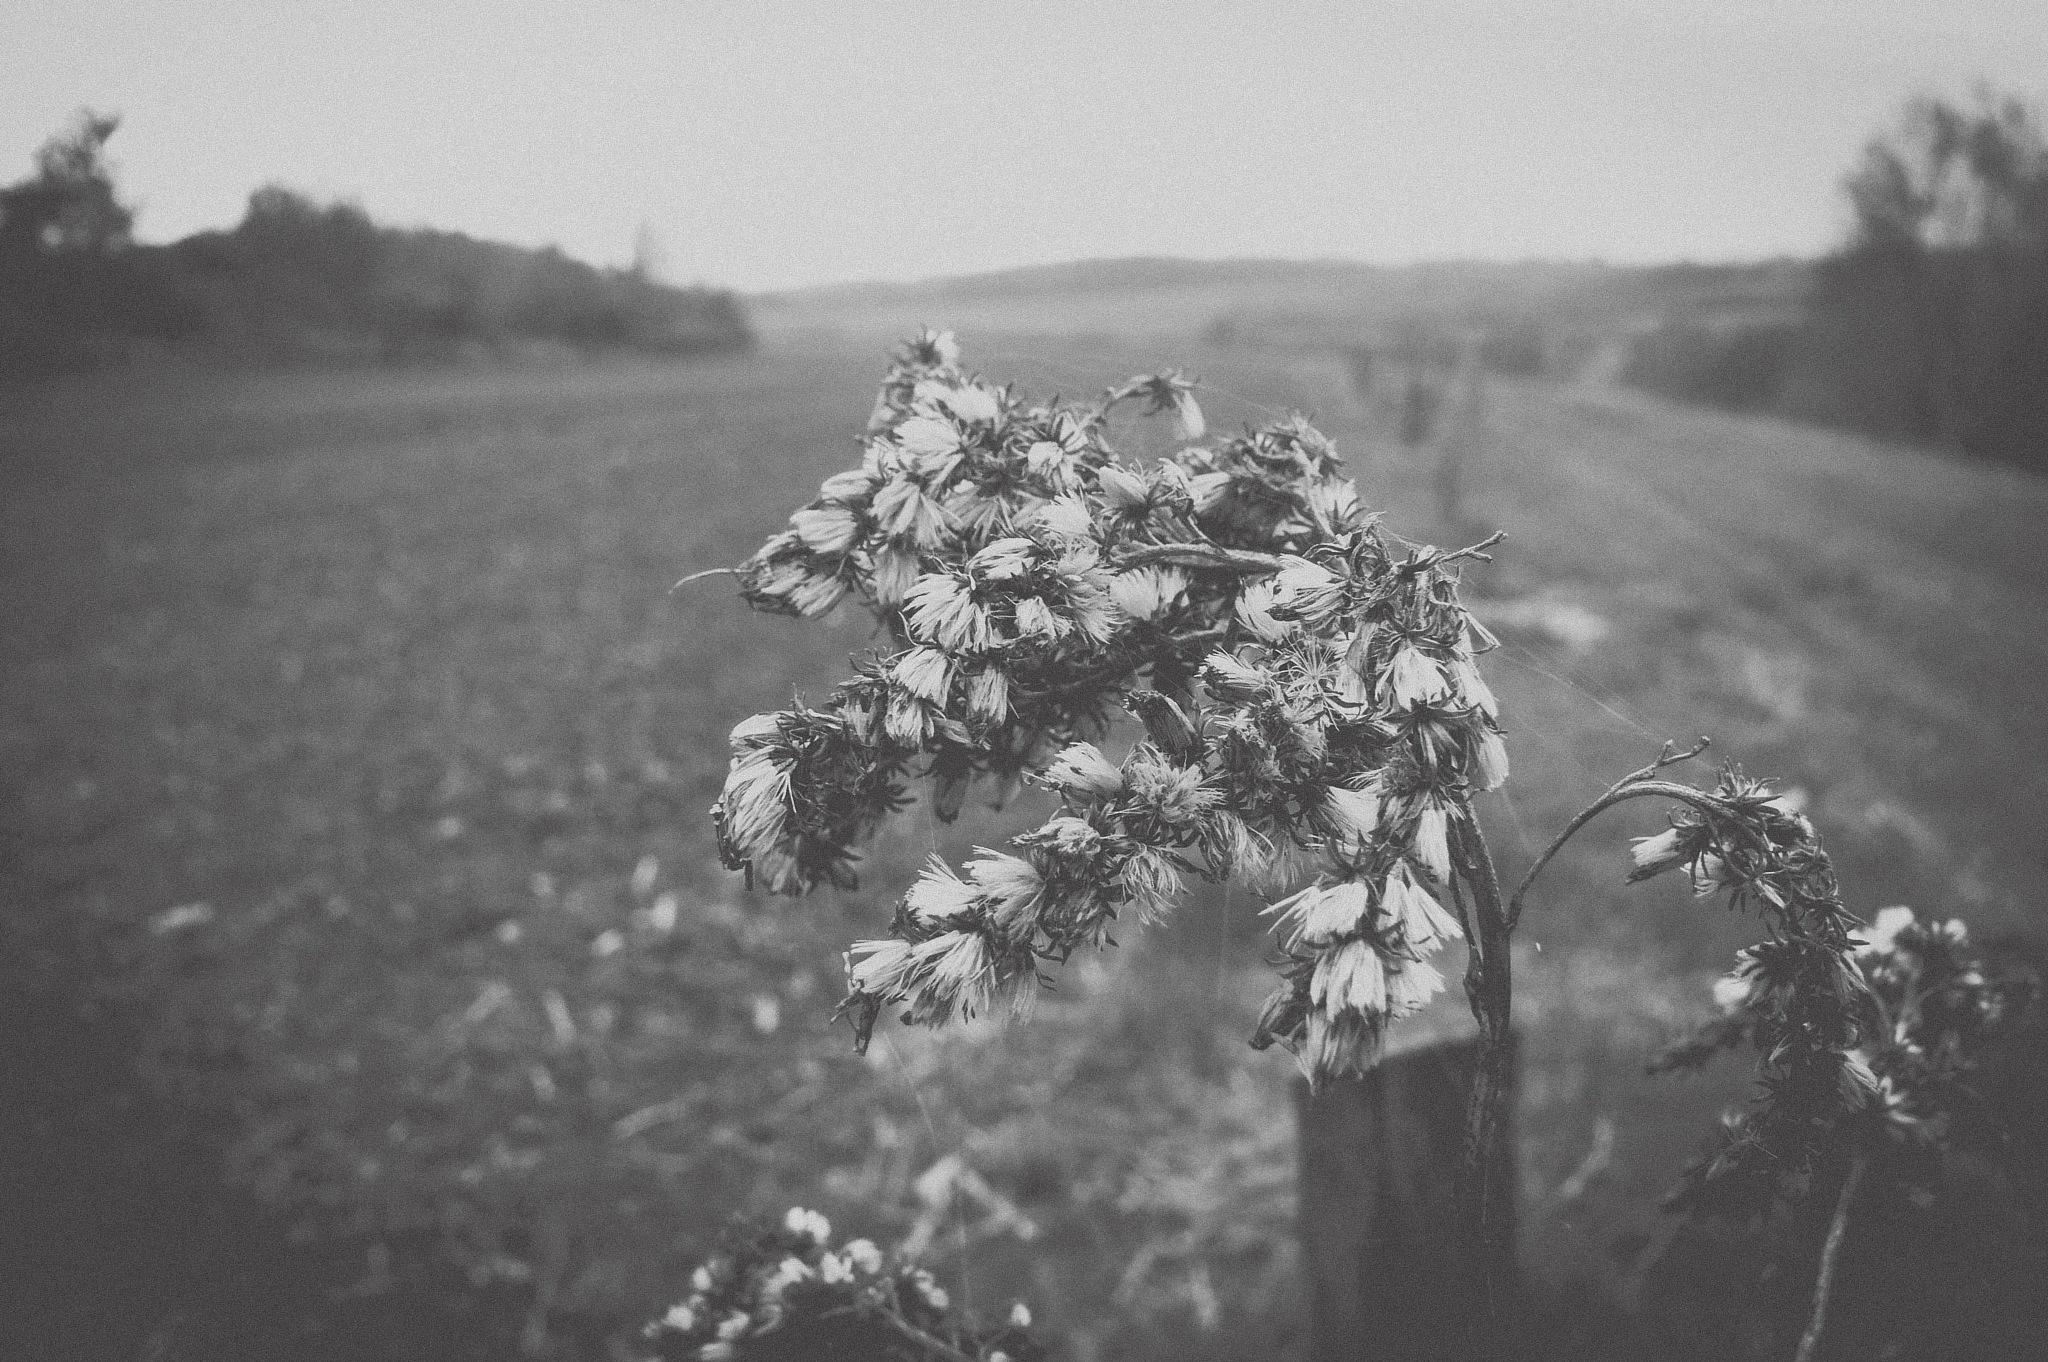 Untitled by Sziszi_photo_art